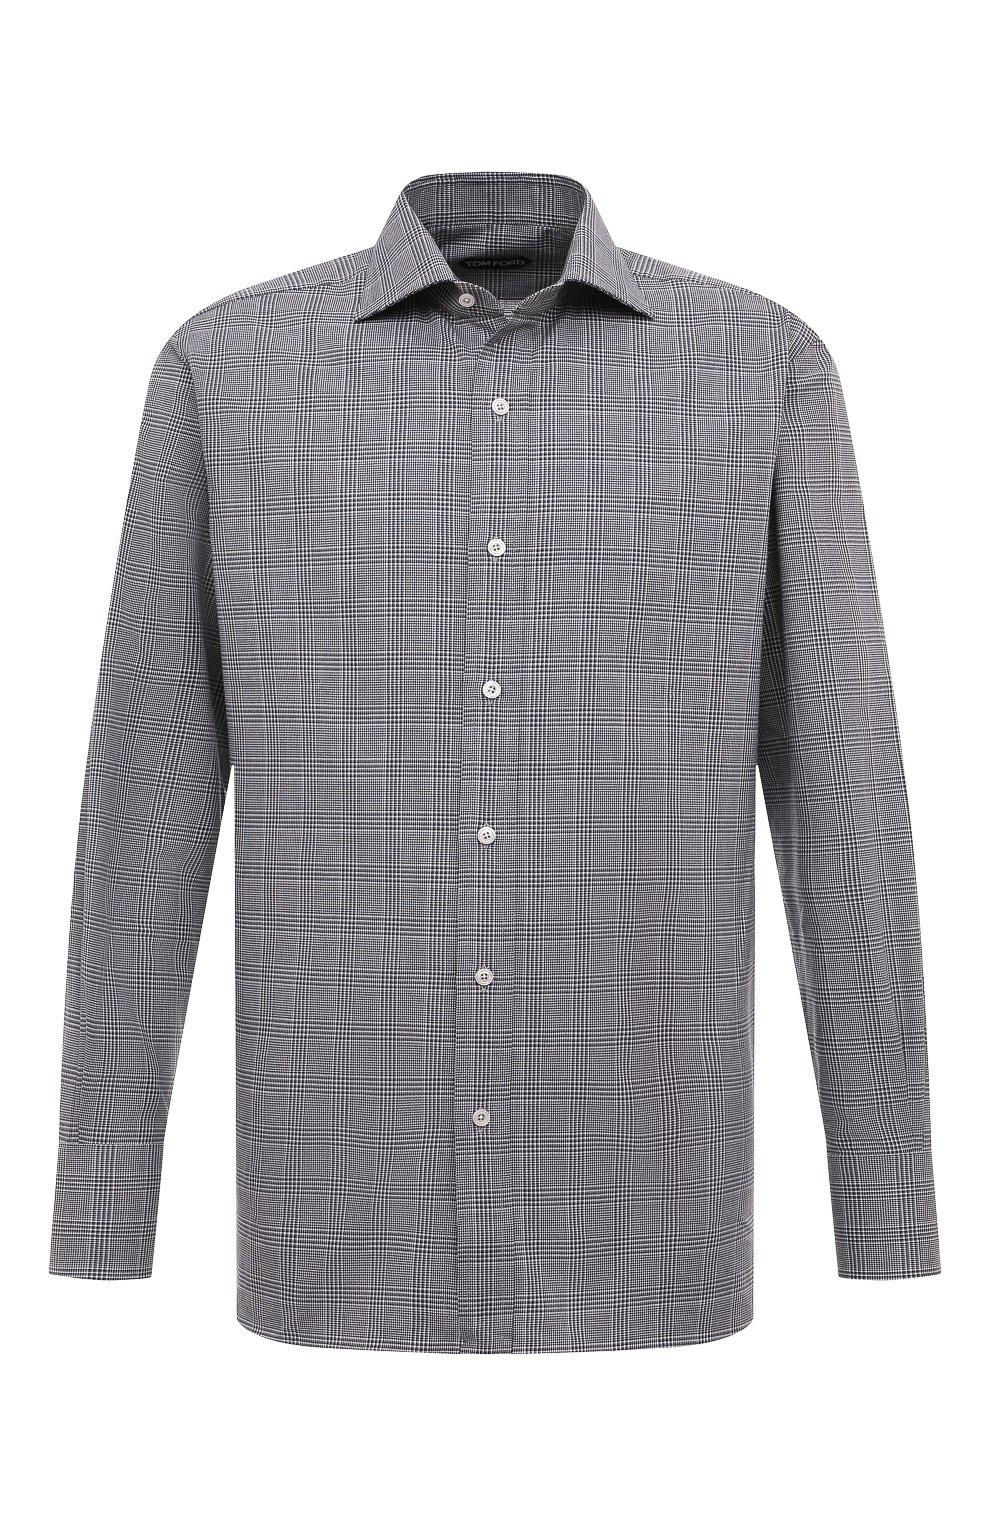 Мужская хлопковая рубашка с воротником кент TOM FORD черно-белого цвета, арт. 4FT181/94C1AX   Фото 1